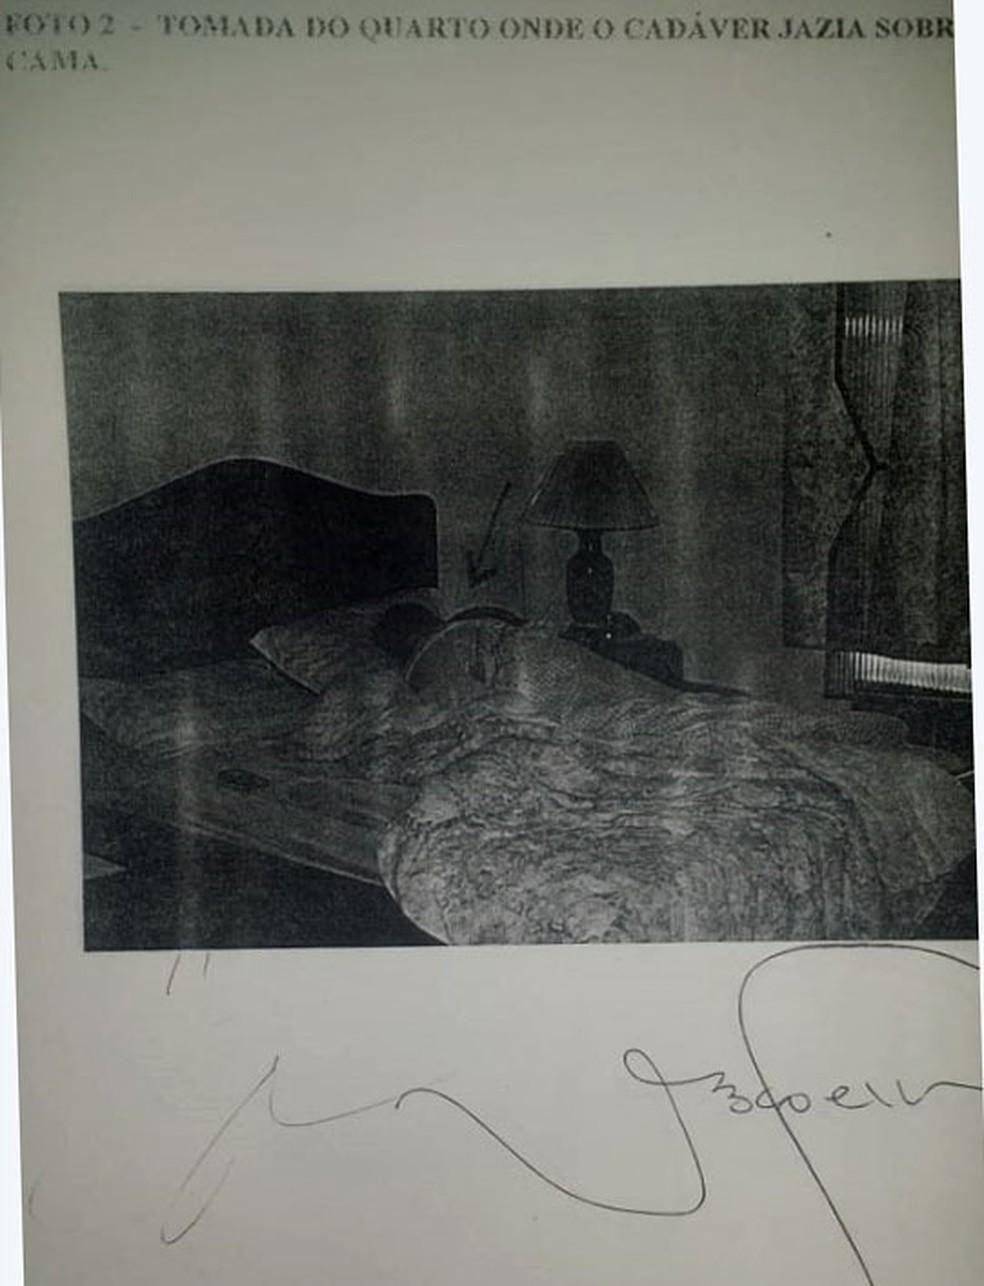 Perícia mostra fotos de vítima de homícidio ligado aos médicos Maria de Fátima e Dr. Bumbum (Foto: Reprodução)